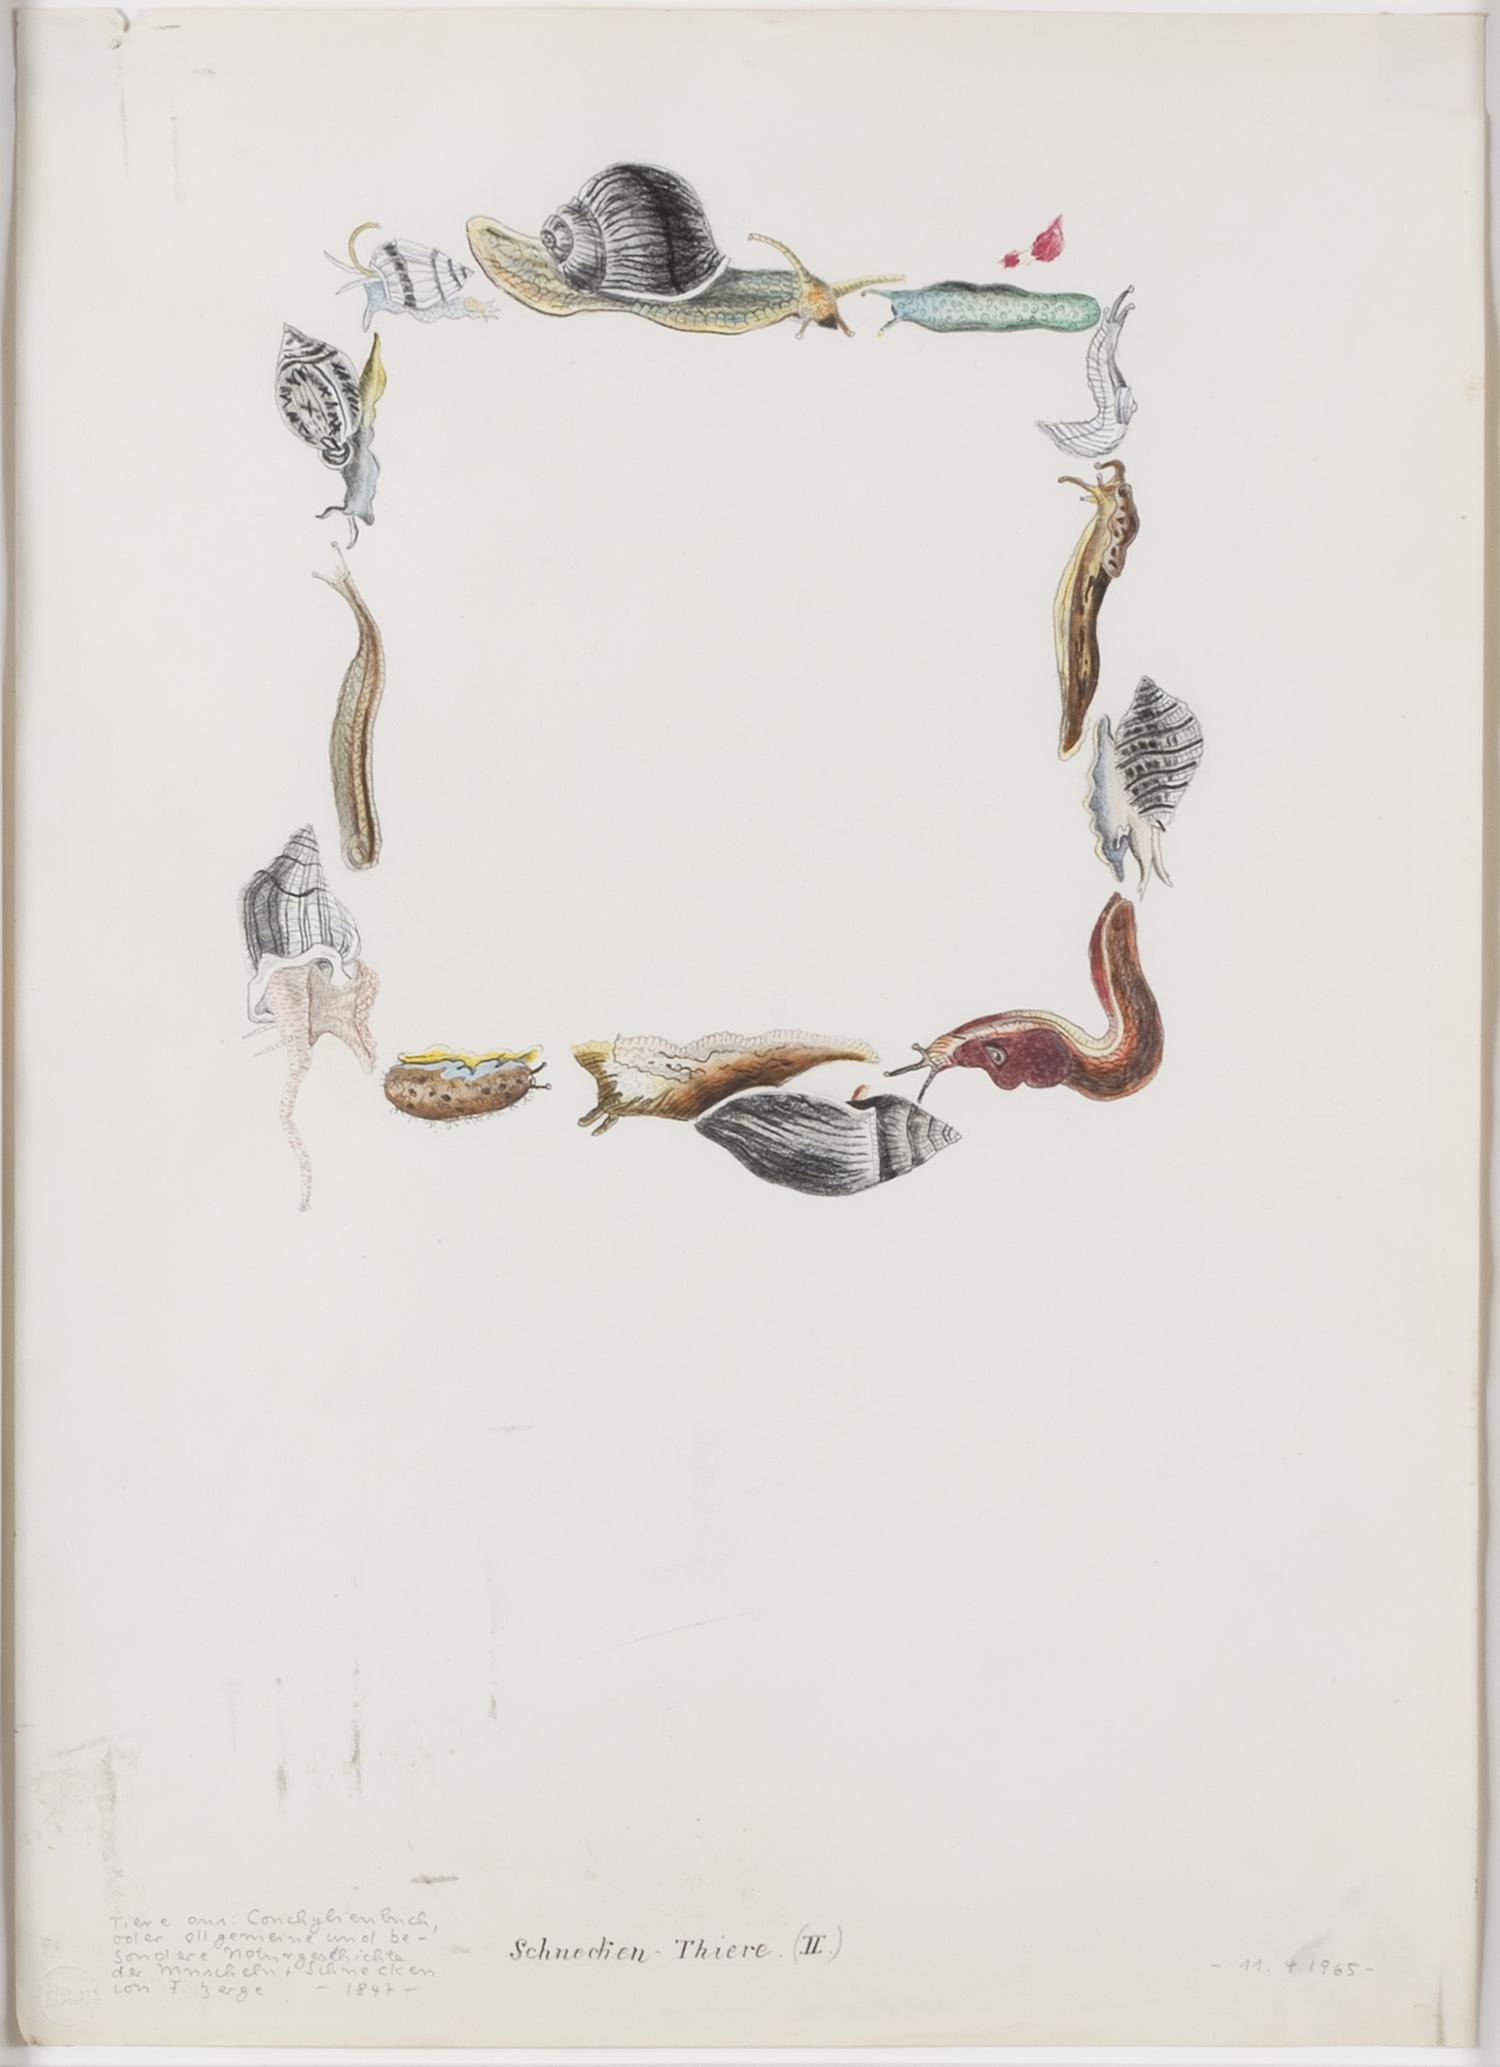 Schnecken-Thiere (II)   1965   Buntstift auf Karton   62 x 44,5 cm